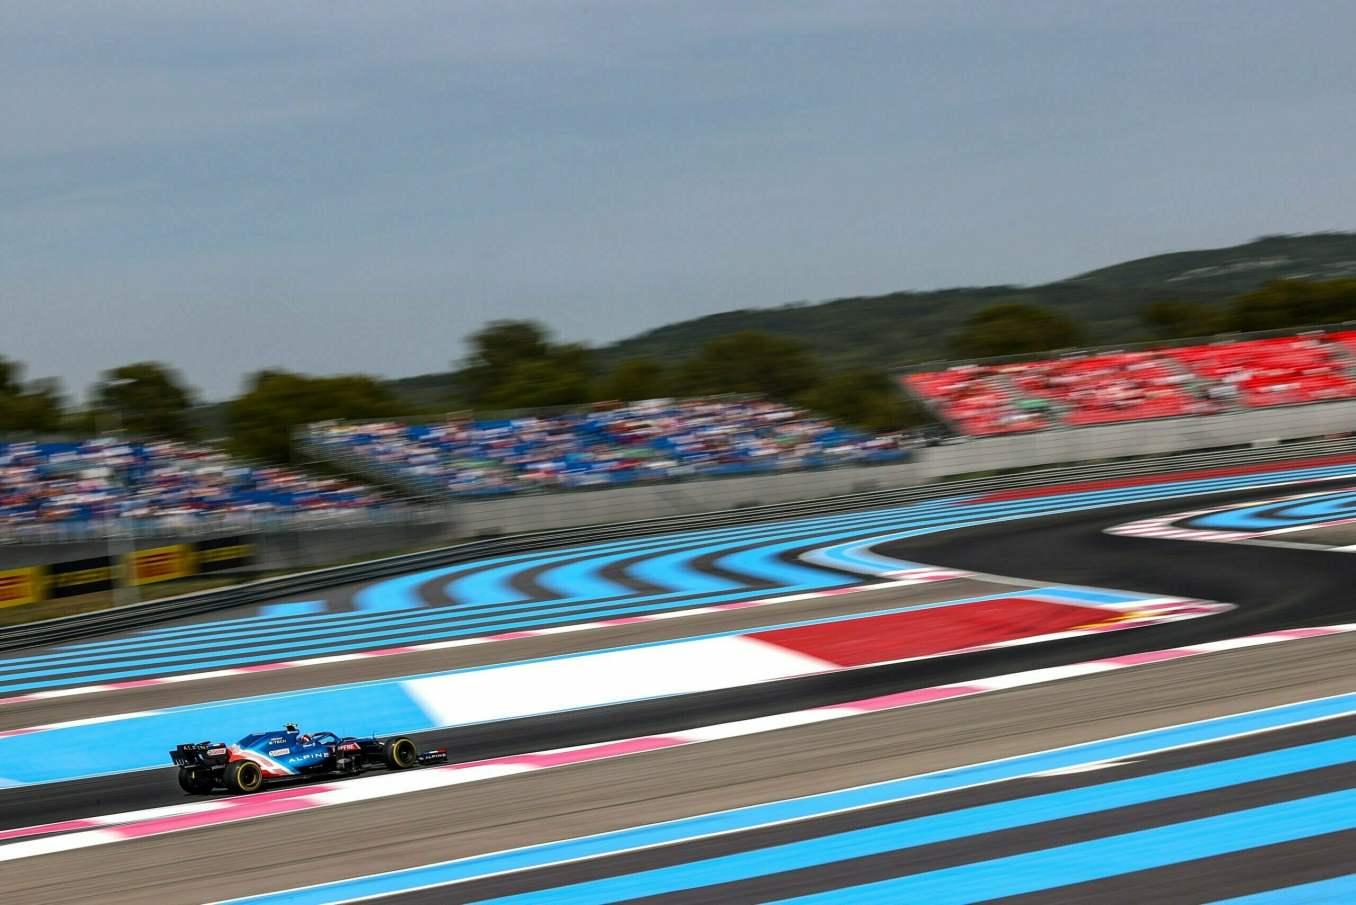 Alpine F1 Alonso Ocon A521 Castellet Paul Ricard 2021 7 scaled | Alpine F1 : des essais convaincants au Grand Prix Emirates de France